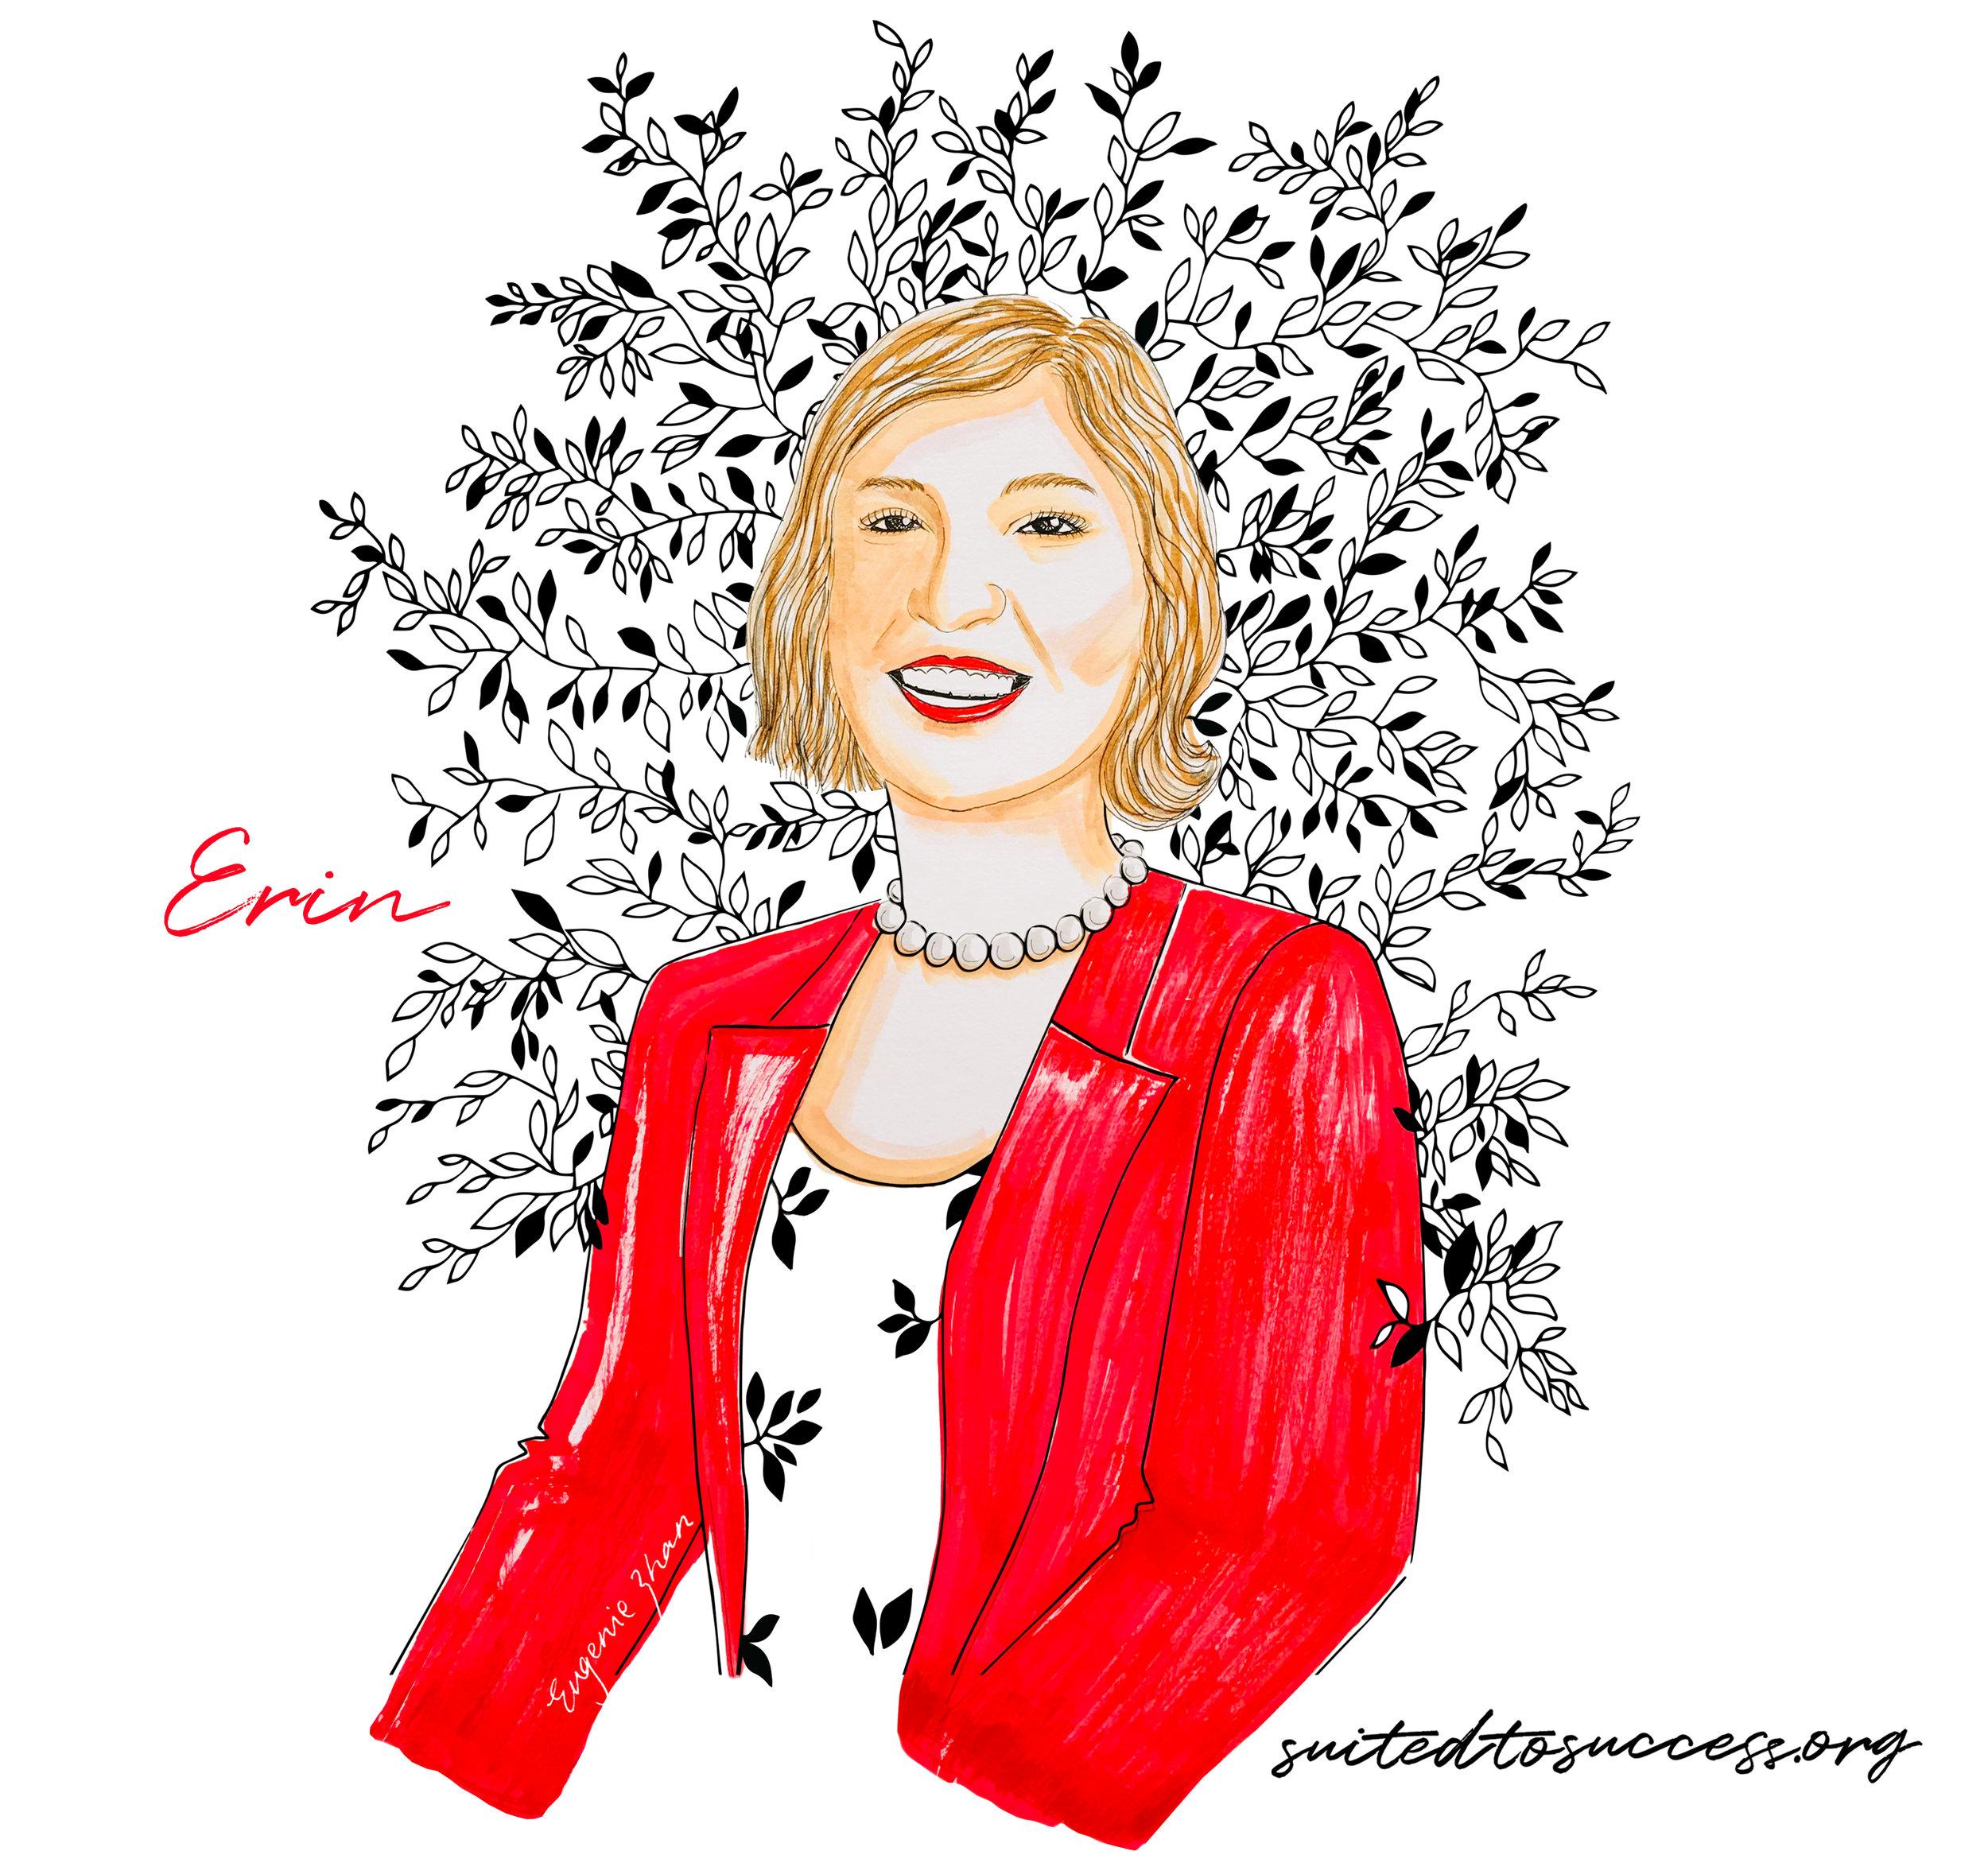 Erin Artwork for The Print Bar_6 Aug 2018.jpg